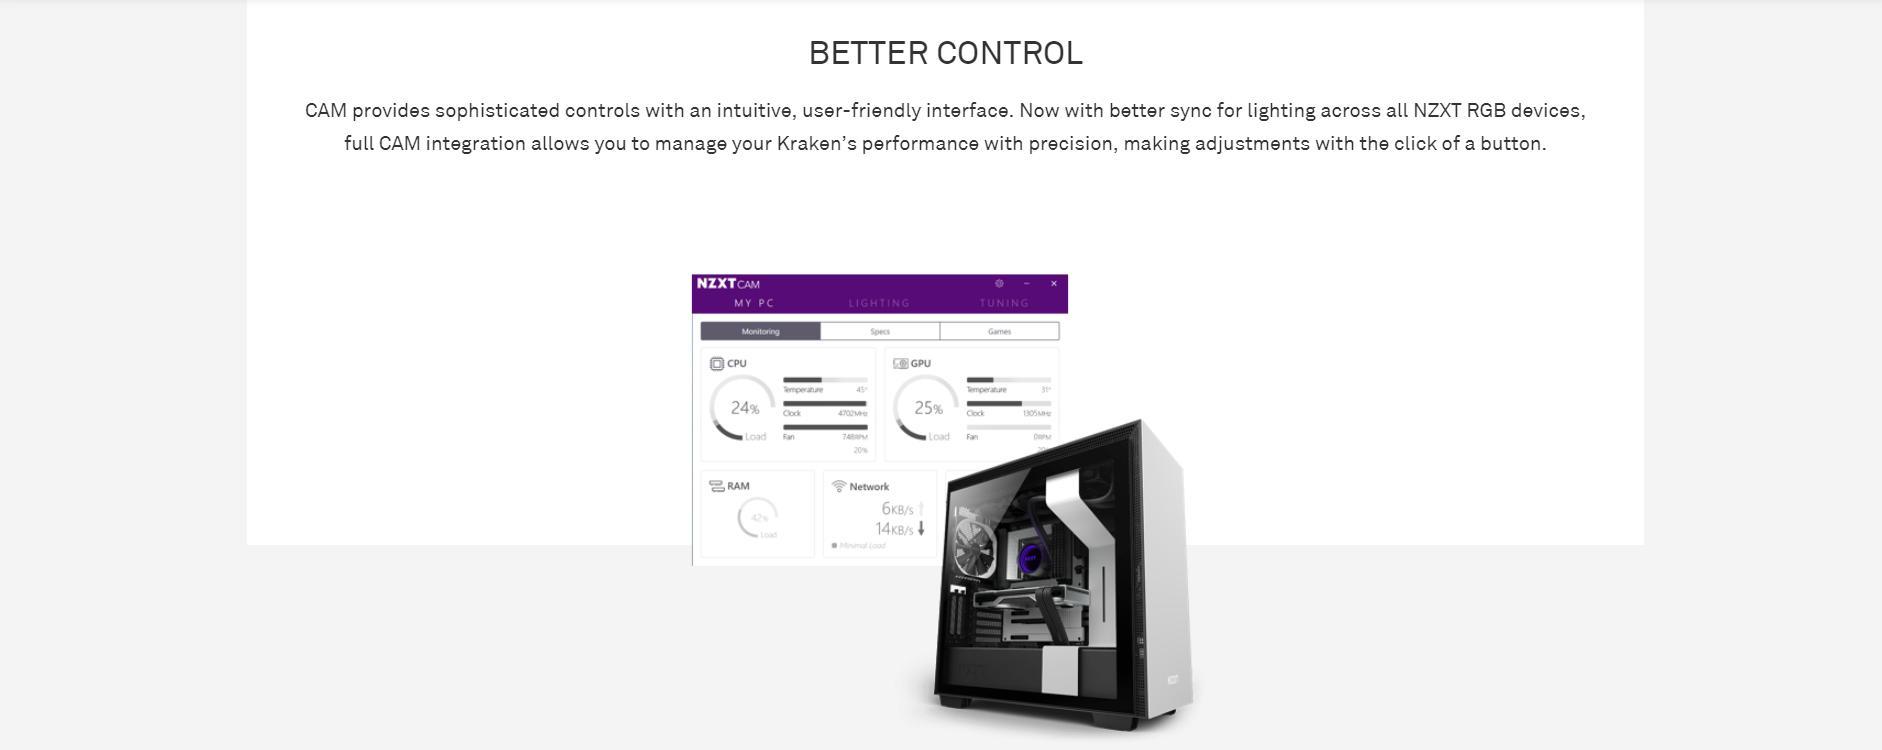 Tản nhiệt nước CPU NZXT Kraken X53 với khả năng điều khiển tốt hơn